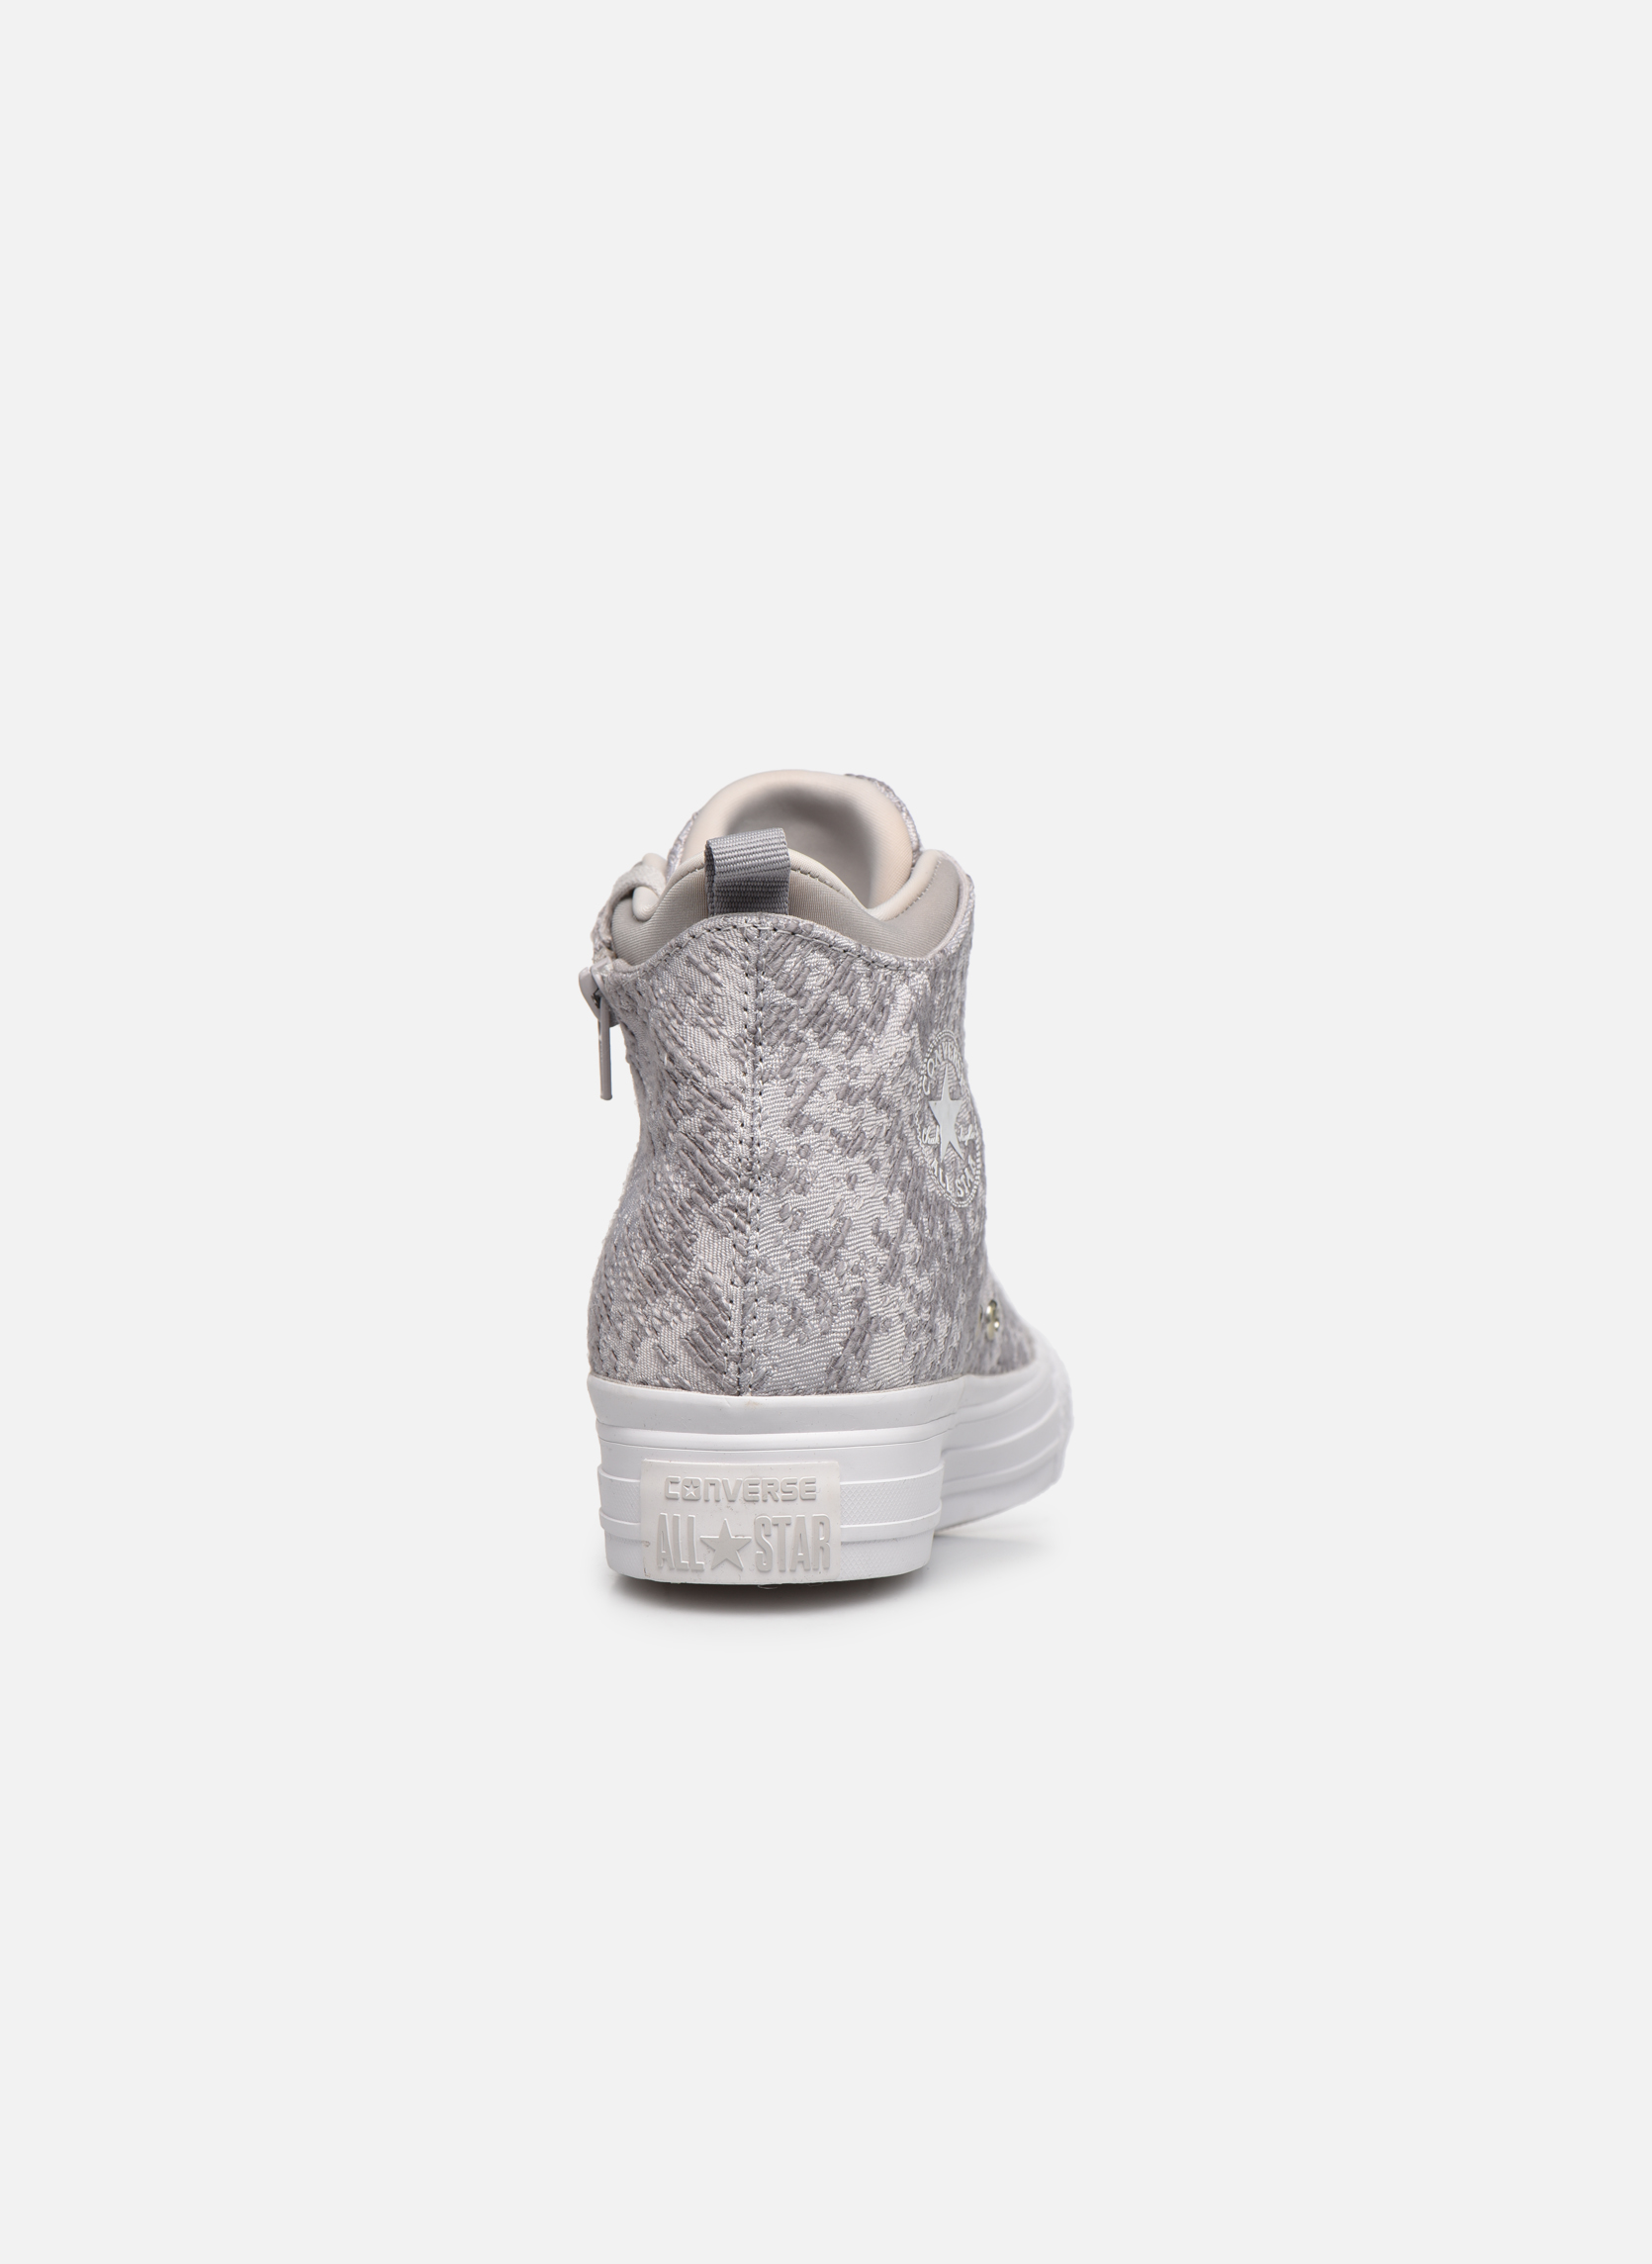 f0c2f846 Zapatos promocionales Converse Ctas Selene Winter Knit Mid (Blanco) -  Deportivas Los últimos zapatos de descuento para hombres y mujeres efd316 -  priorpons. ...